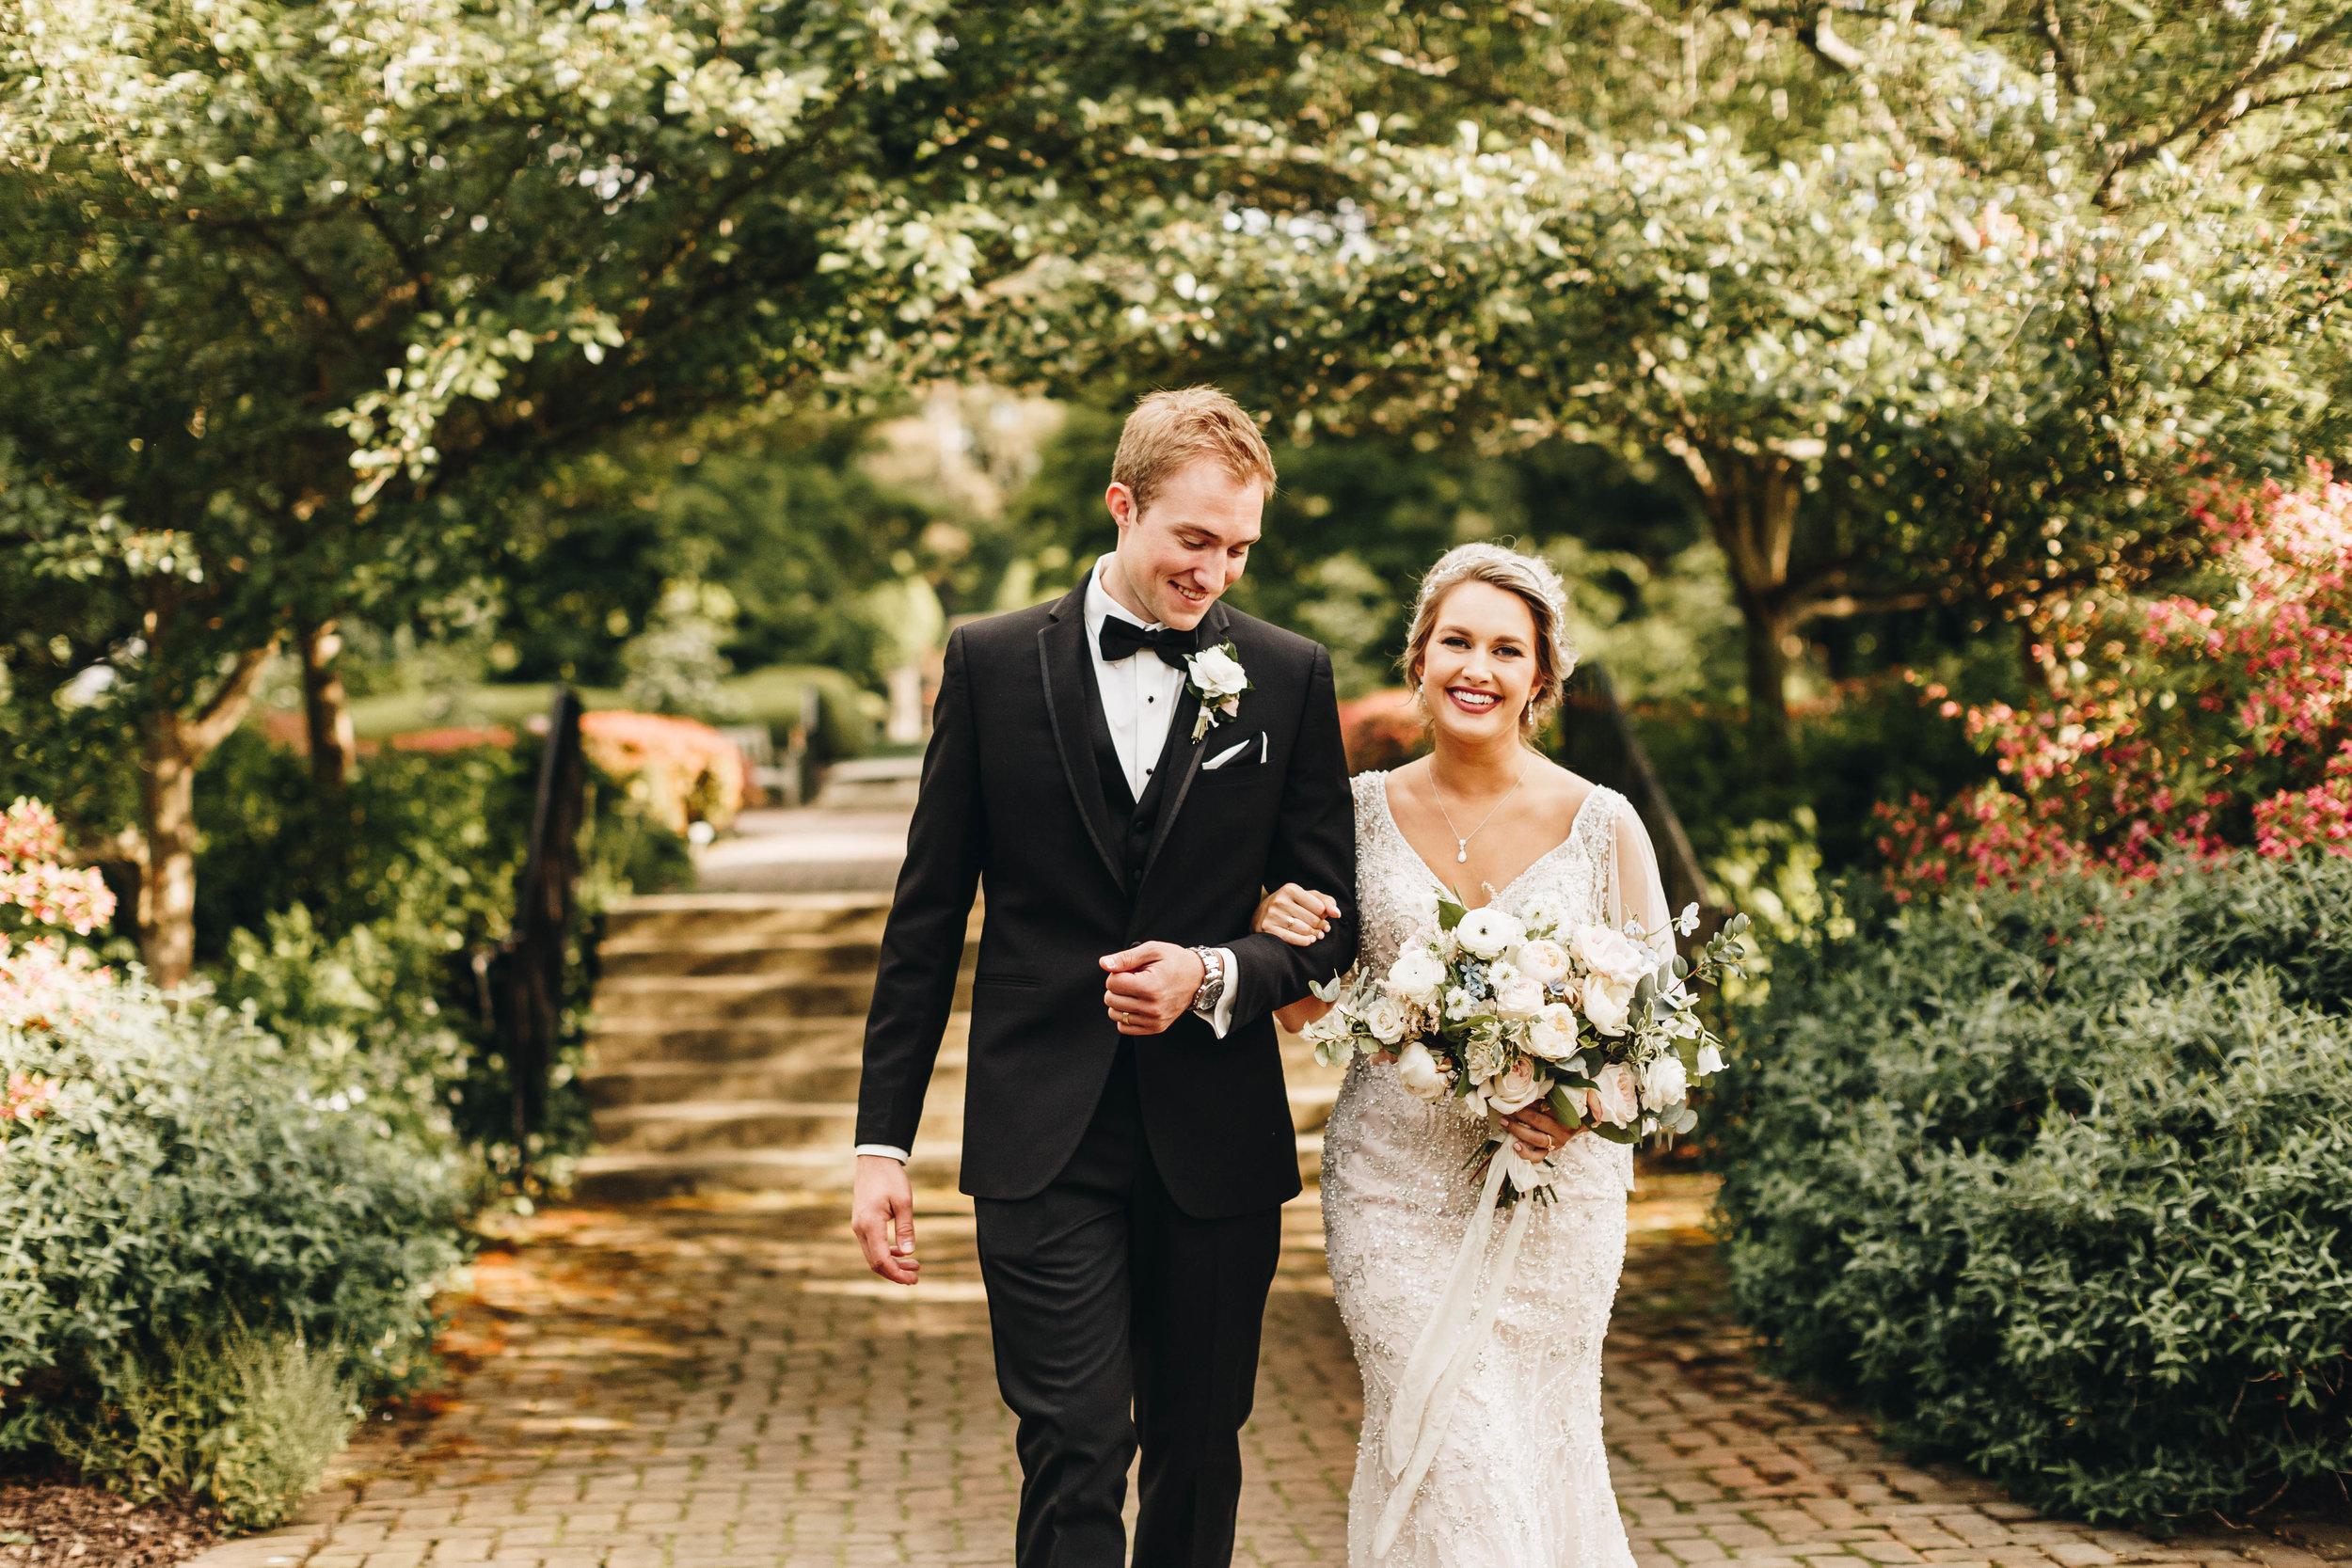 Cincinnati+wedding+photographer-53.jpeg